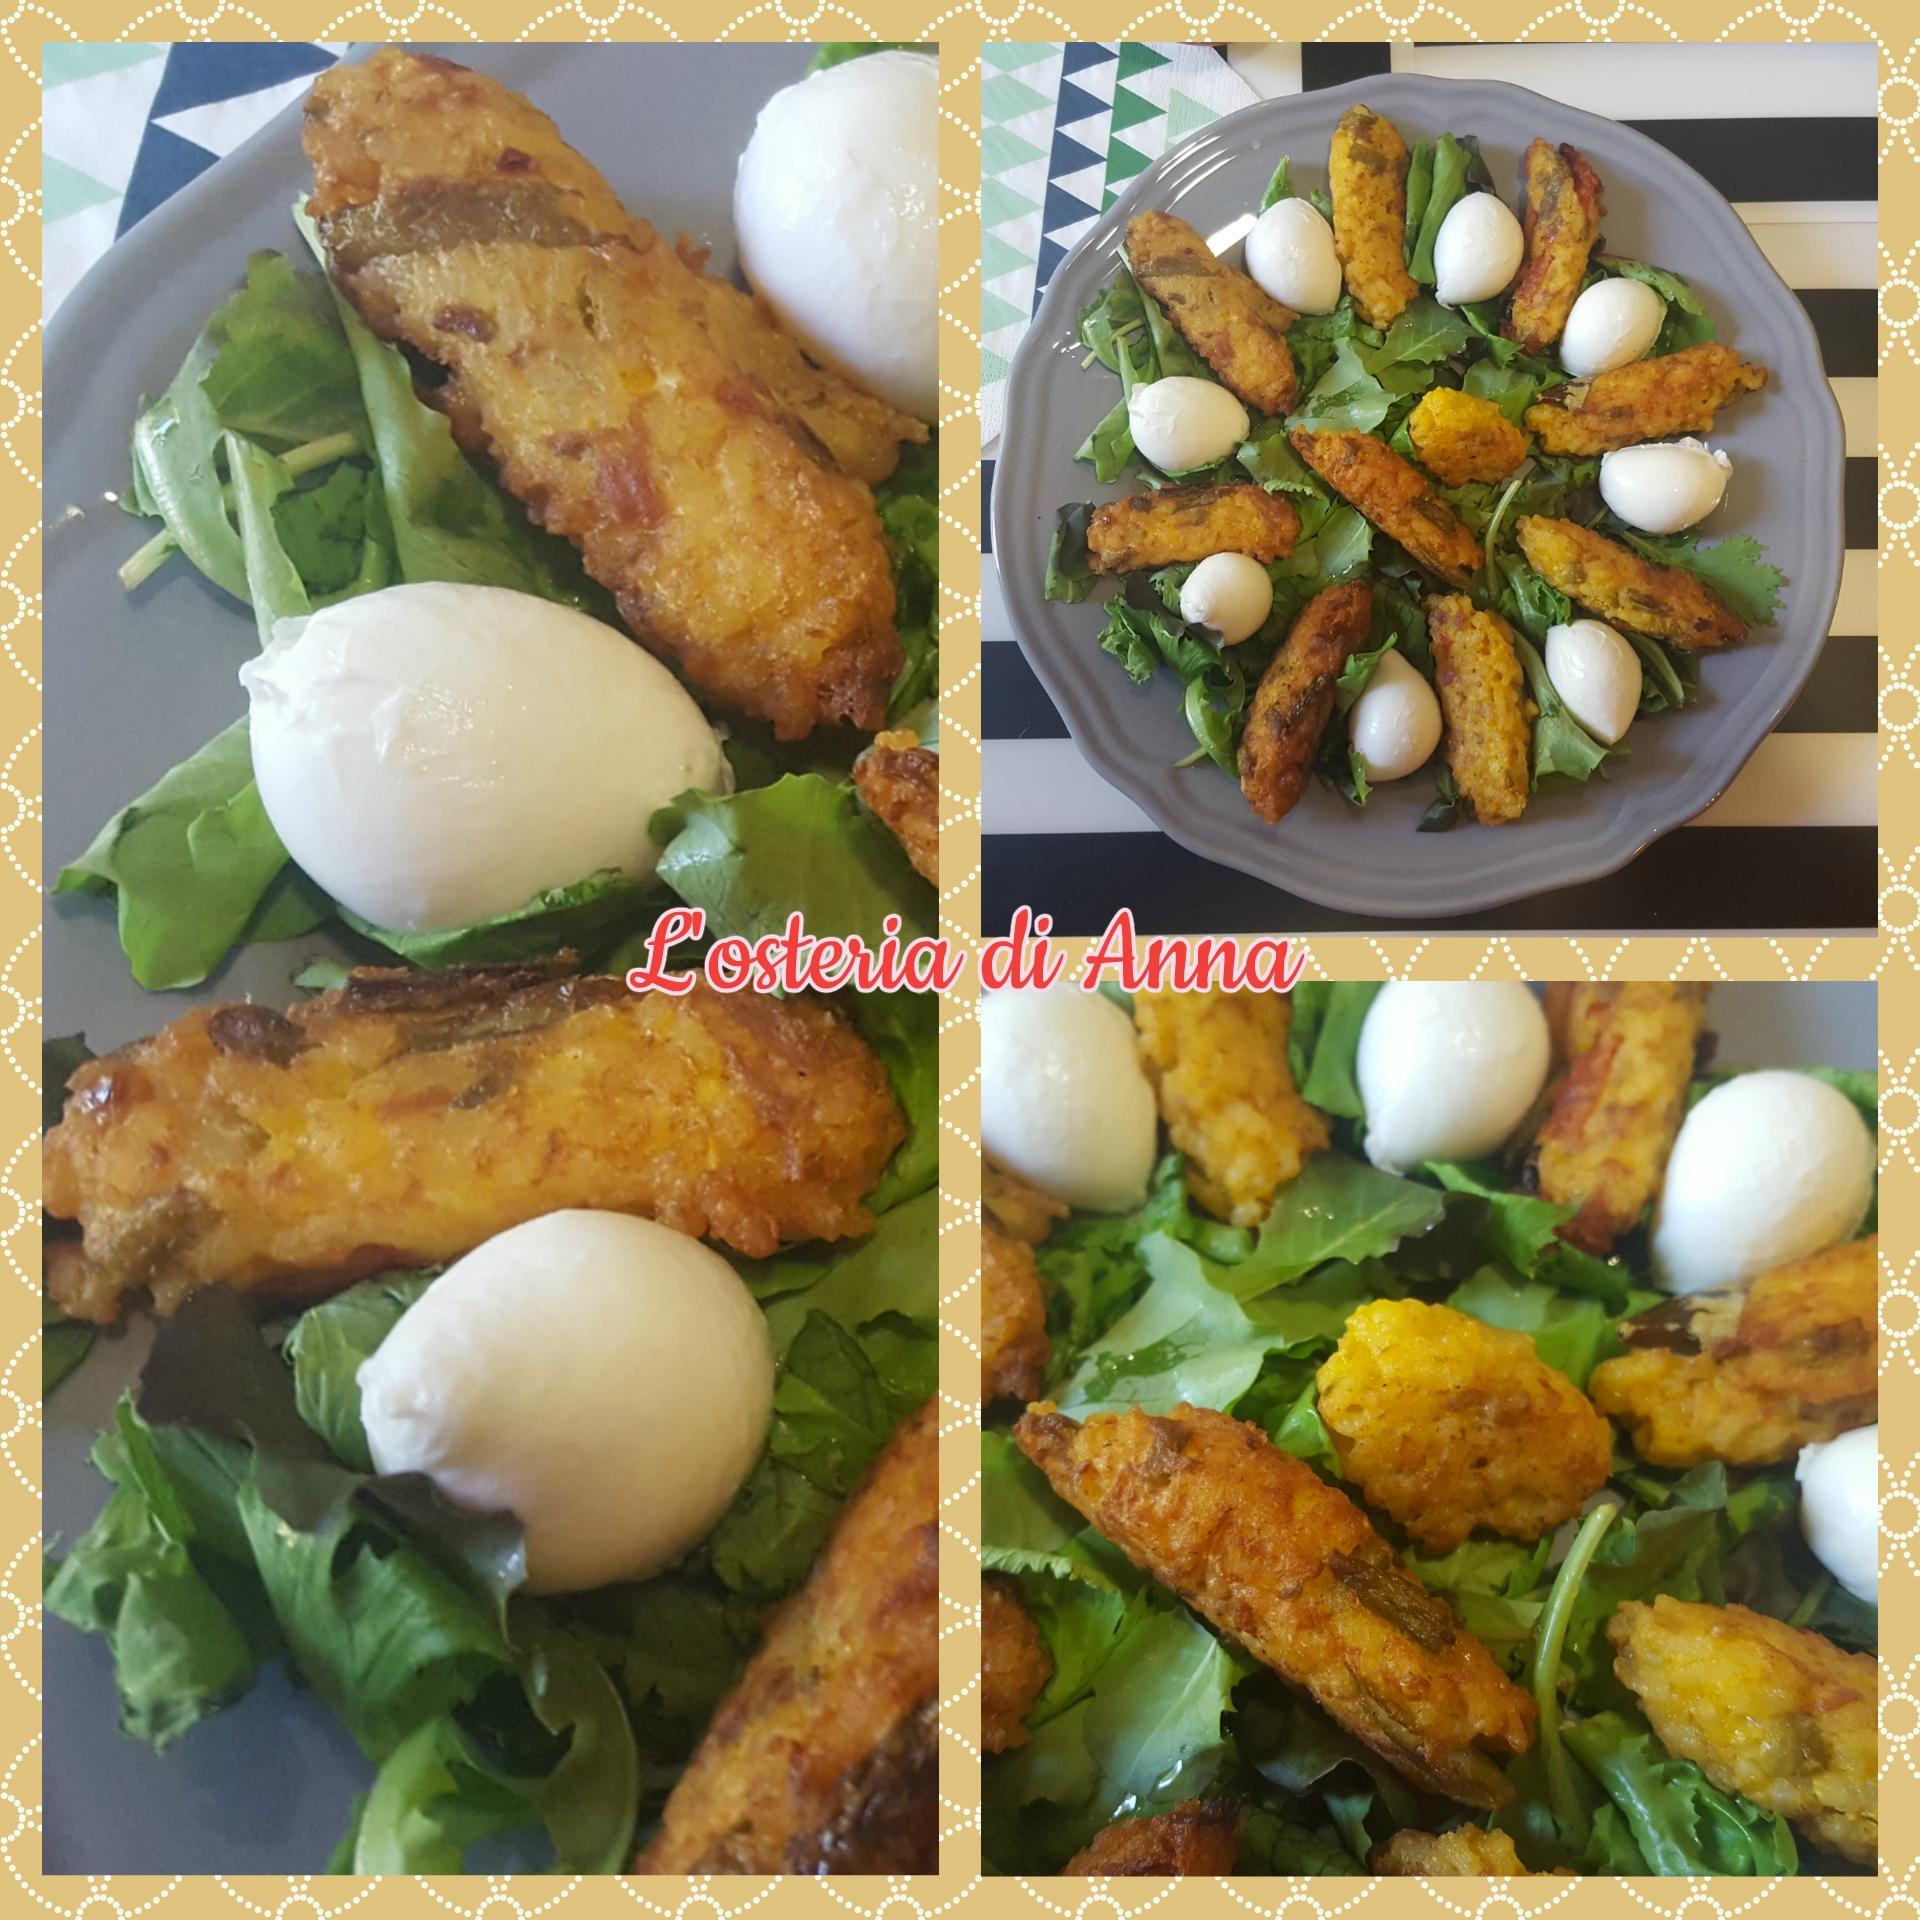 Crocchette di riso servite con insalata e mozzarelle di bufala